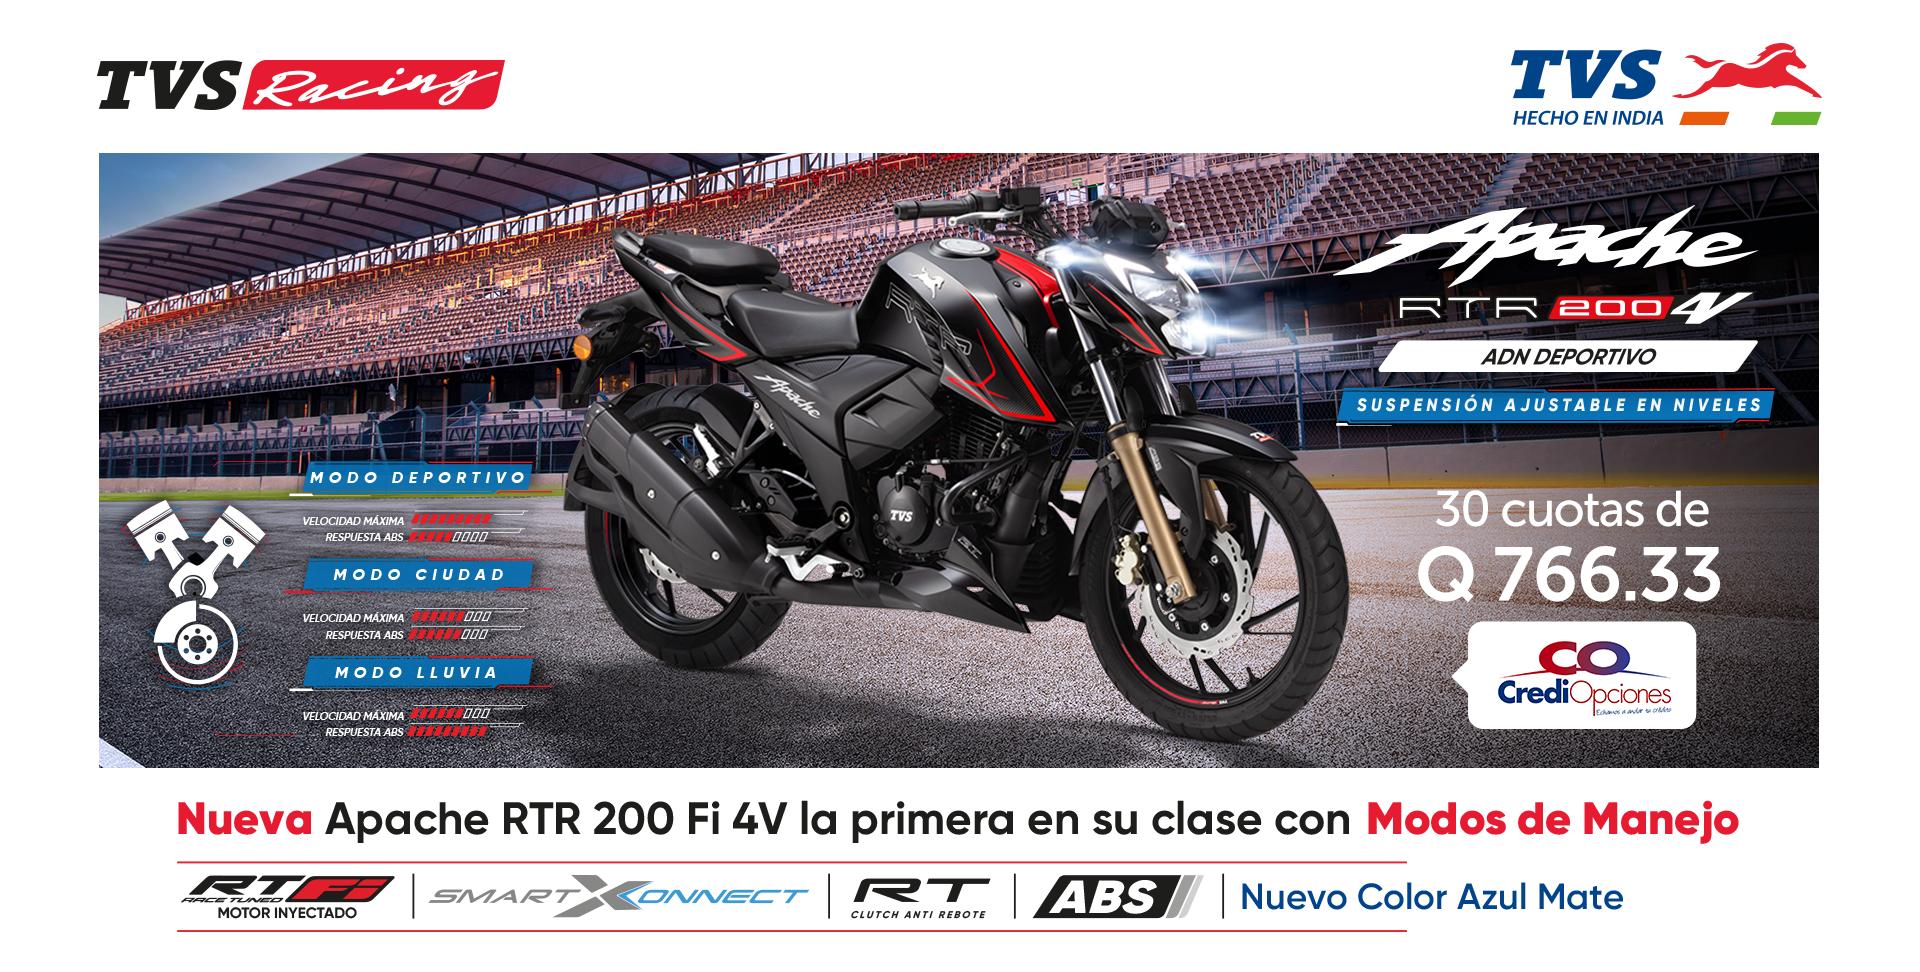 Nueva Apache RTR 200 4V